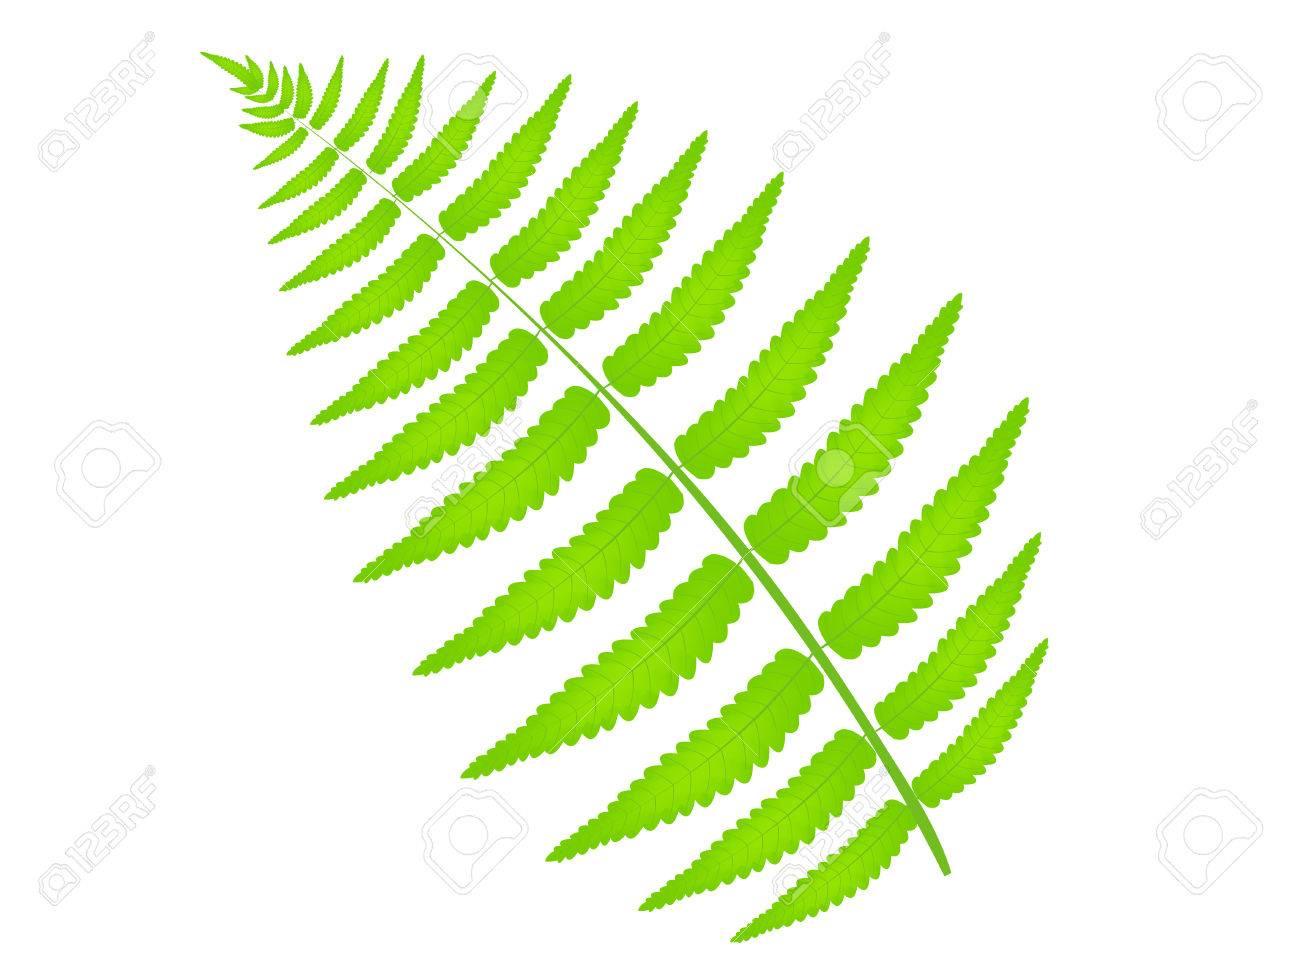 Fern leaf plant.